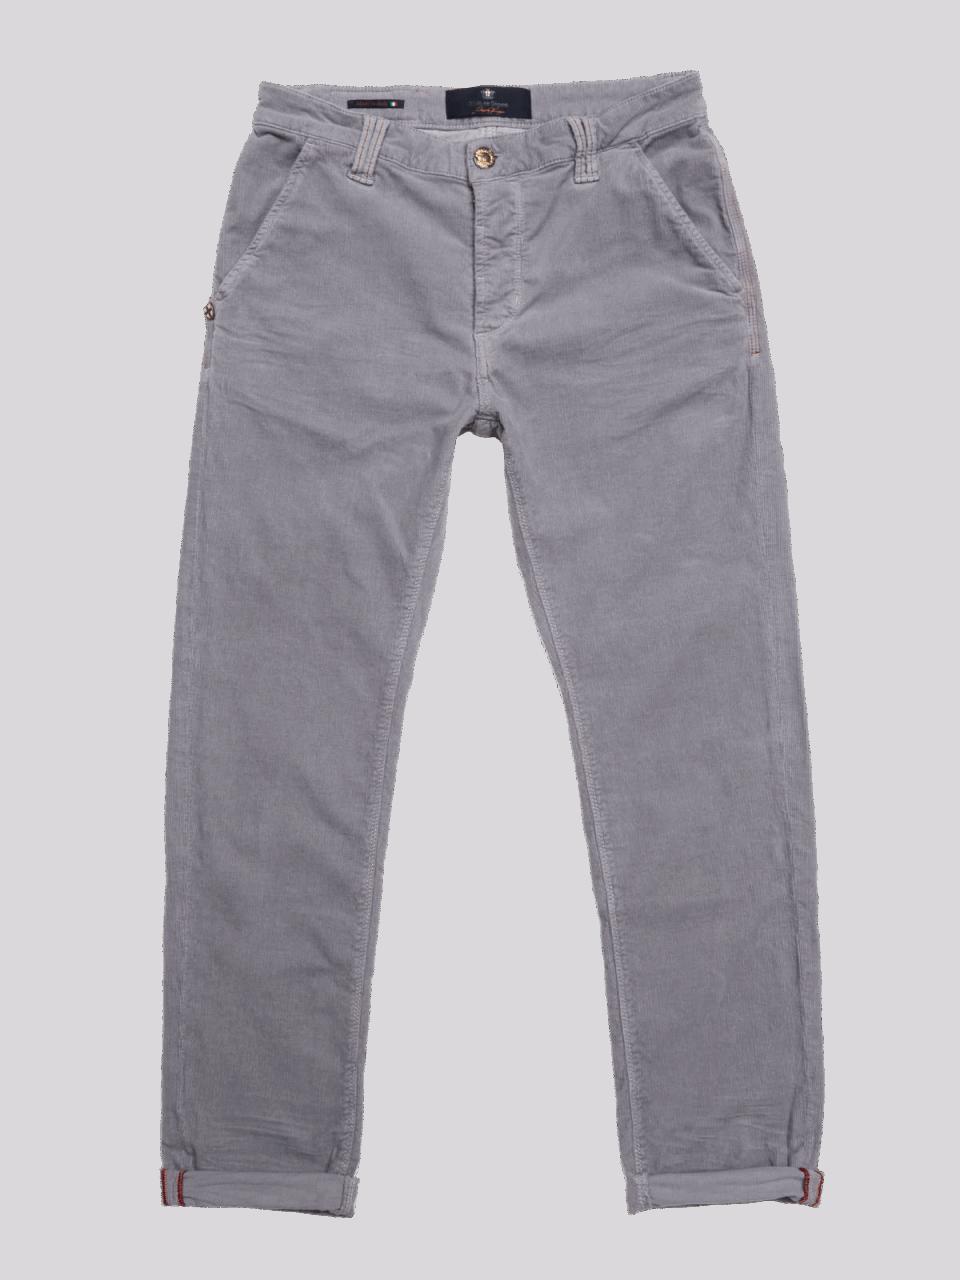 BLUE DE GENES Paulo Zoldo Trousers - Light Grey